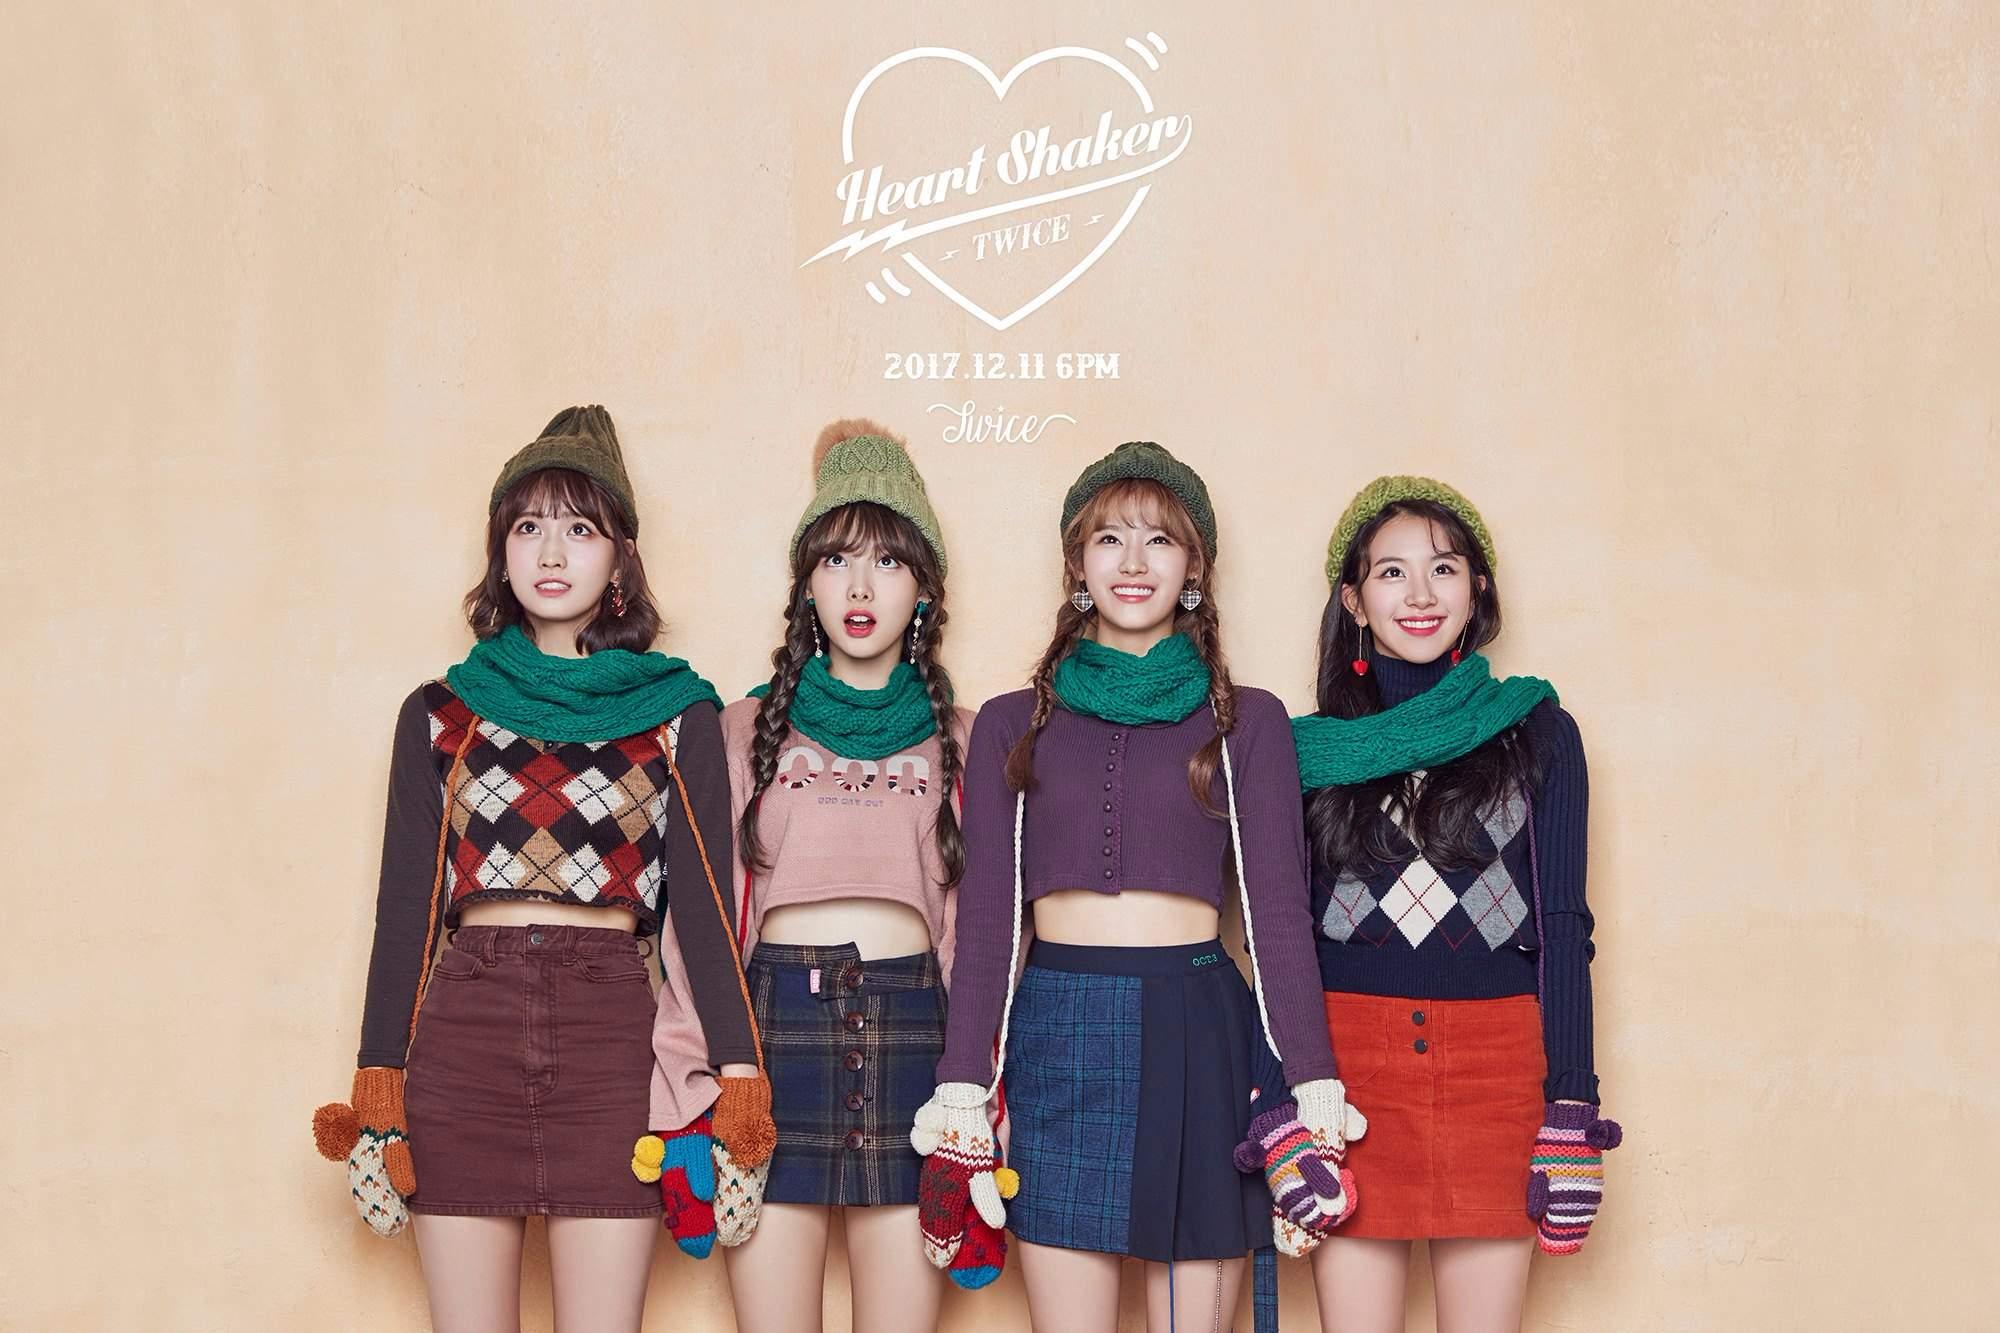 成員不久前才結束正規一輯的活動,JYP又火速宣布TWICE將在12月11日回歸,這次後續曲專輯名稱為《Merry&Happy》正好符合12月聖誕節的氣氛,主打歌《Heart Shaker》更是延續《LIKELY》愛心符號的概念...